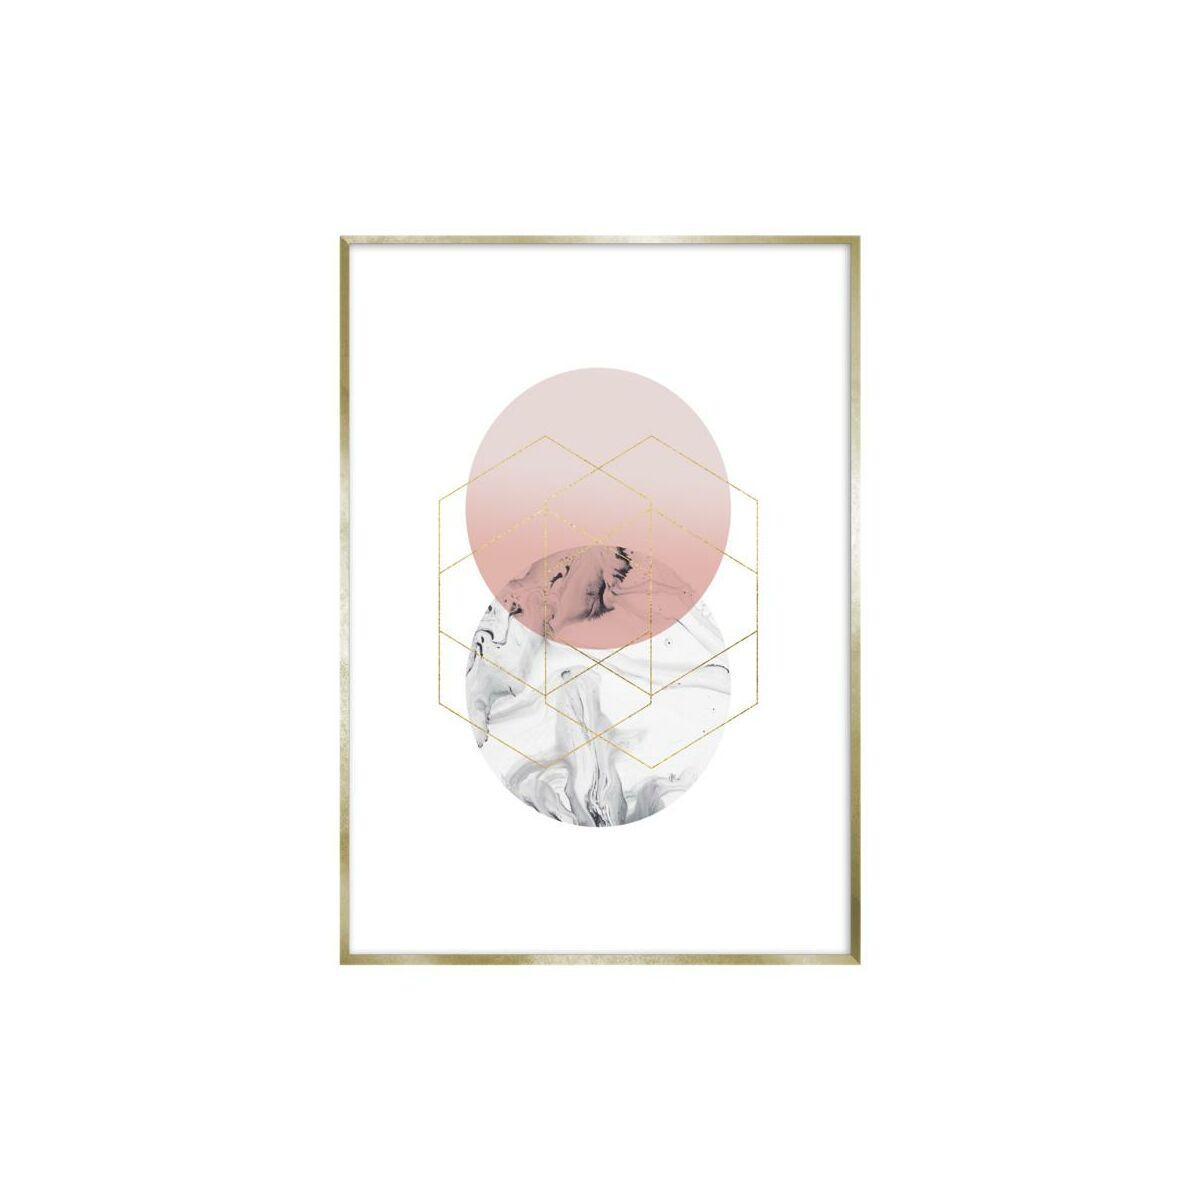 Obraz Circle 30 X 40 Cm Obrazy Kanwy W Atrakcyjnej Cenie W Sklepach Leroy Merlin